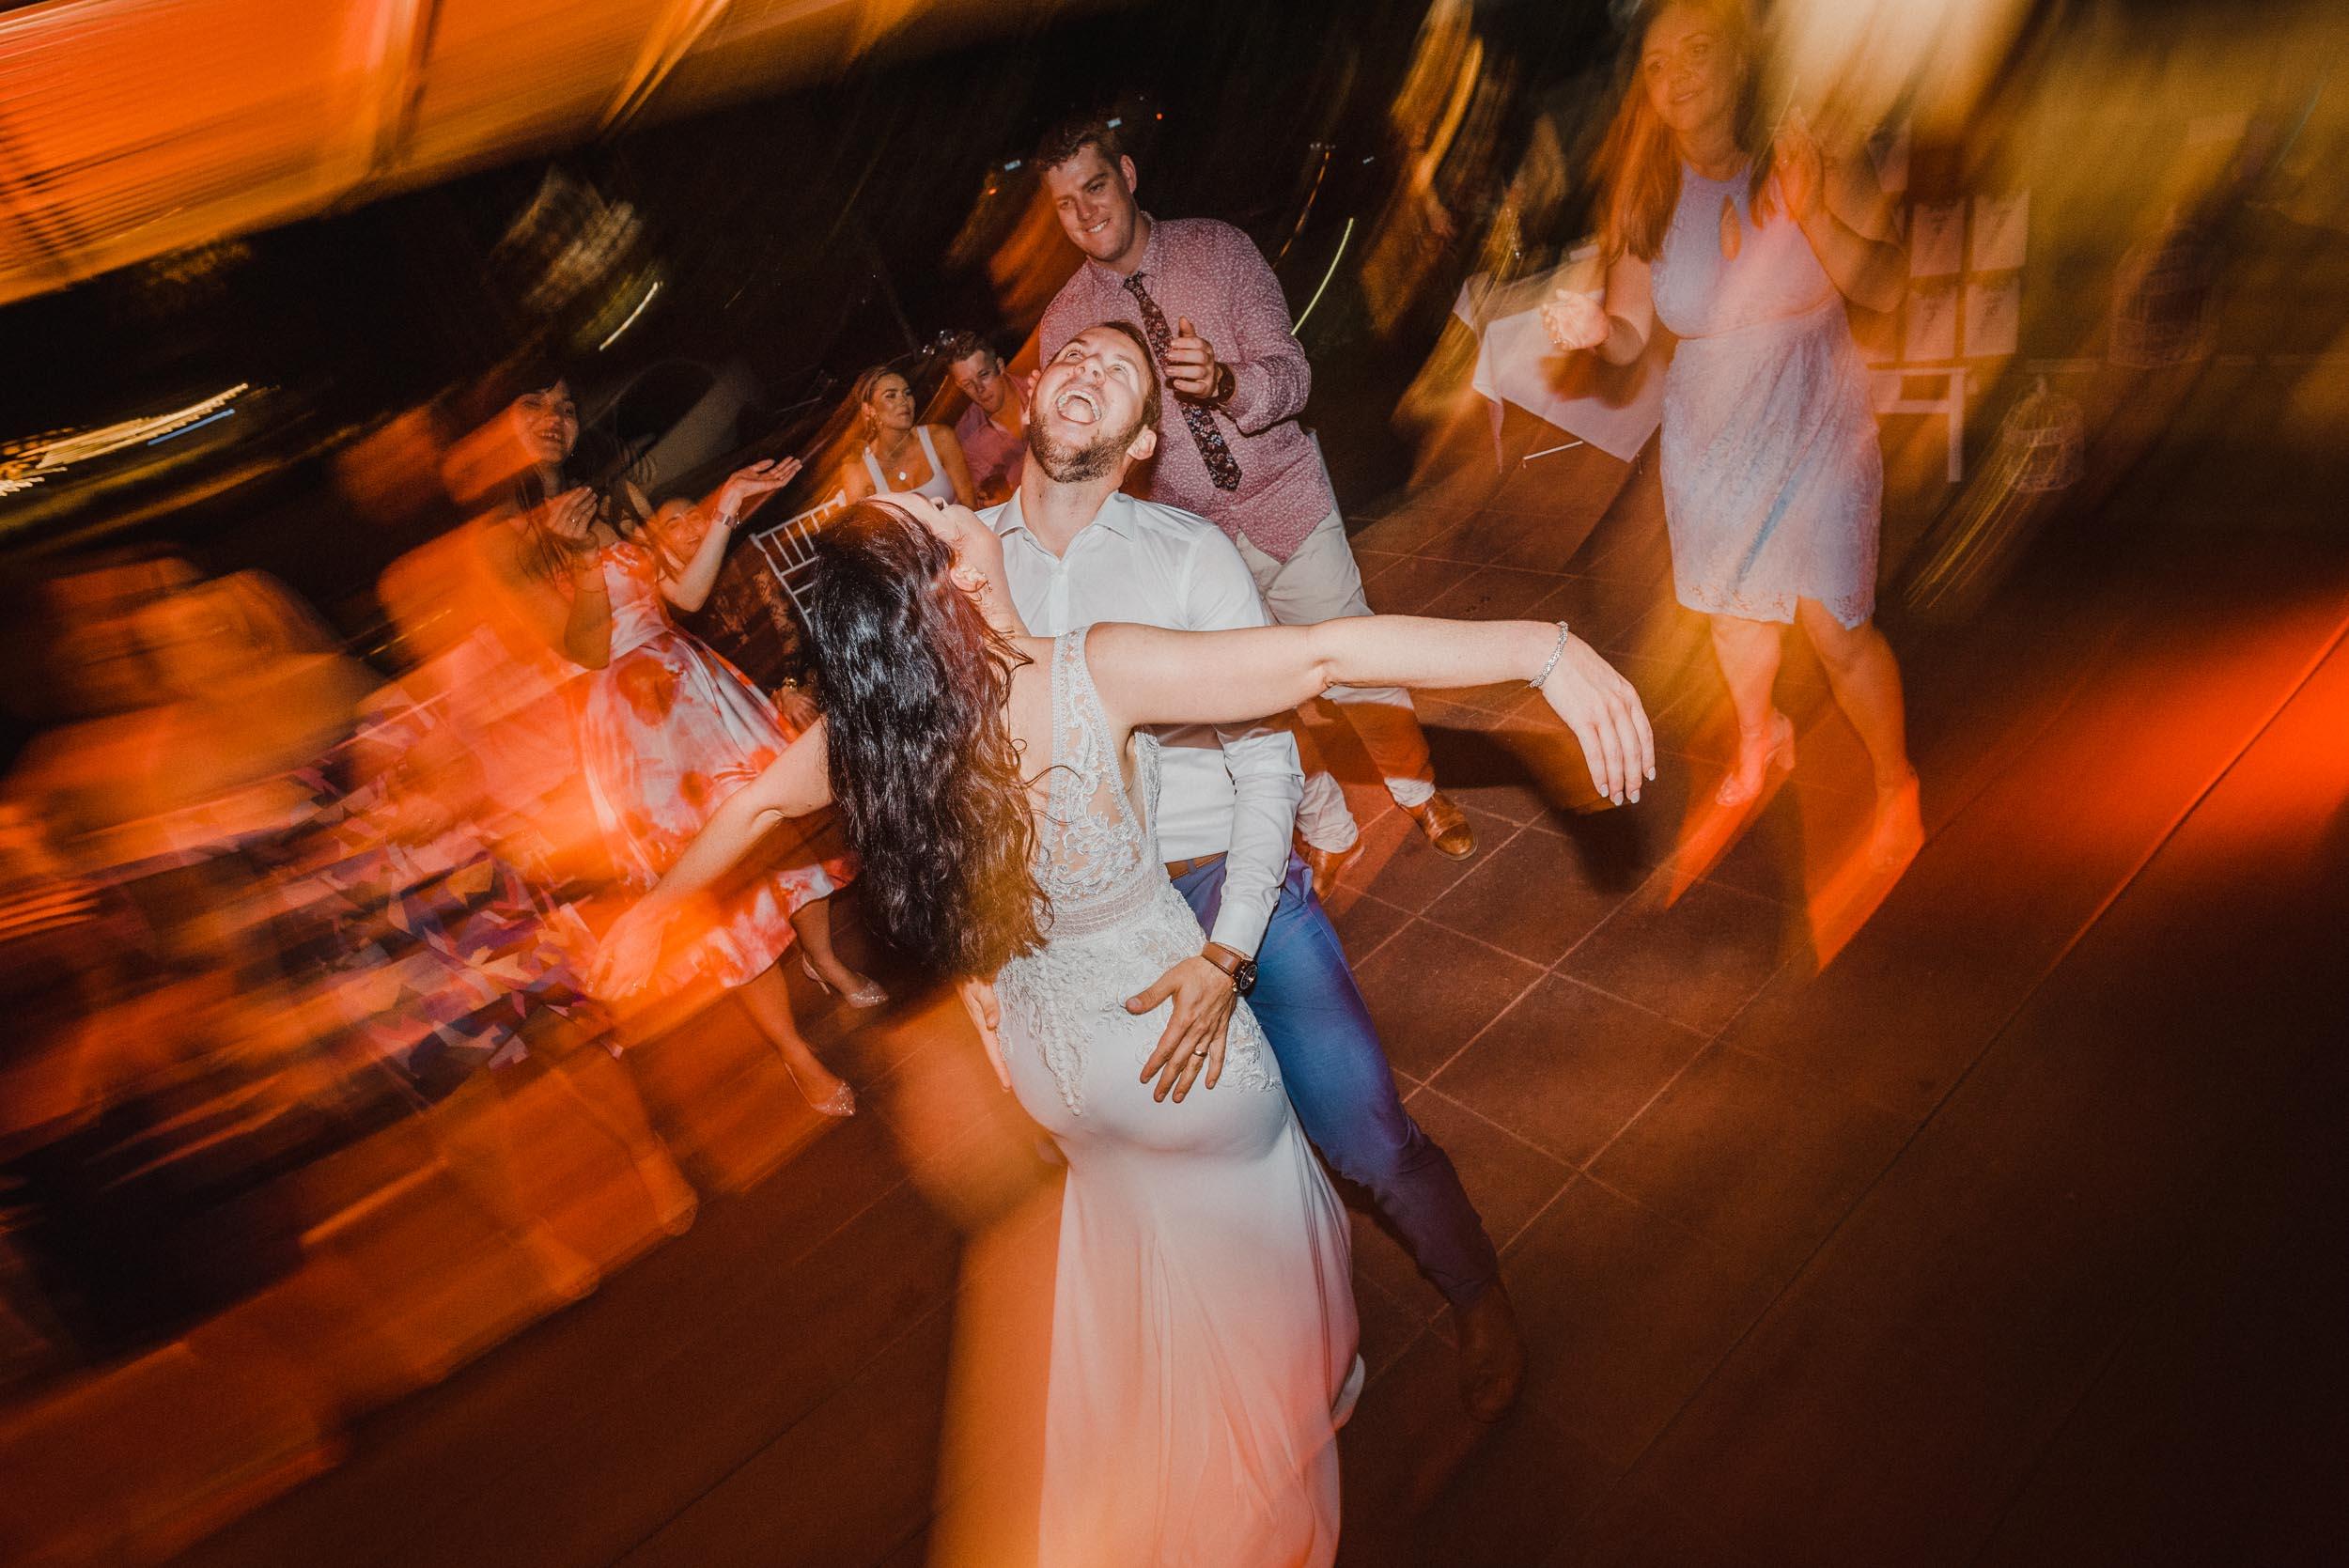 The Raw Photographer - Port Douglas Wedding Photographer - St Mary Church - Cairns Beach Photos-63.jpg